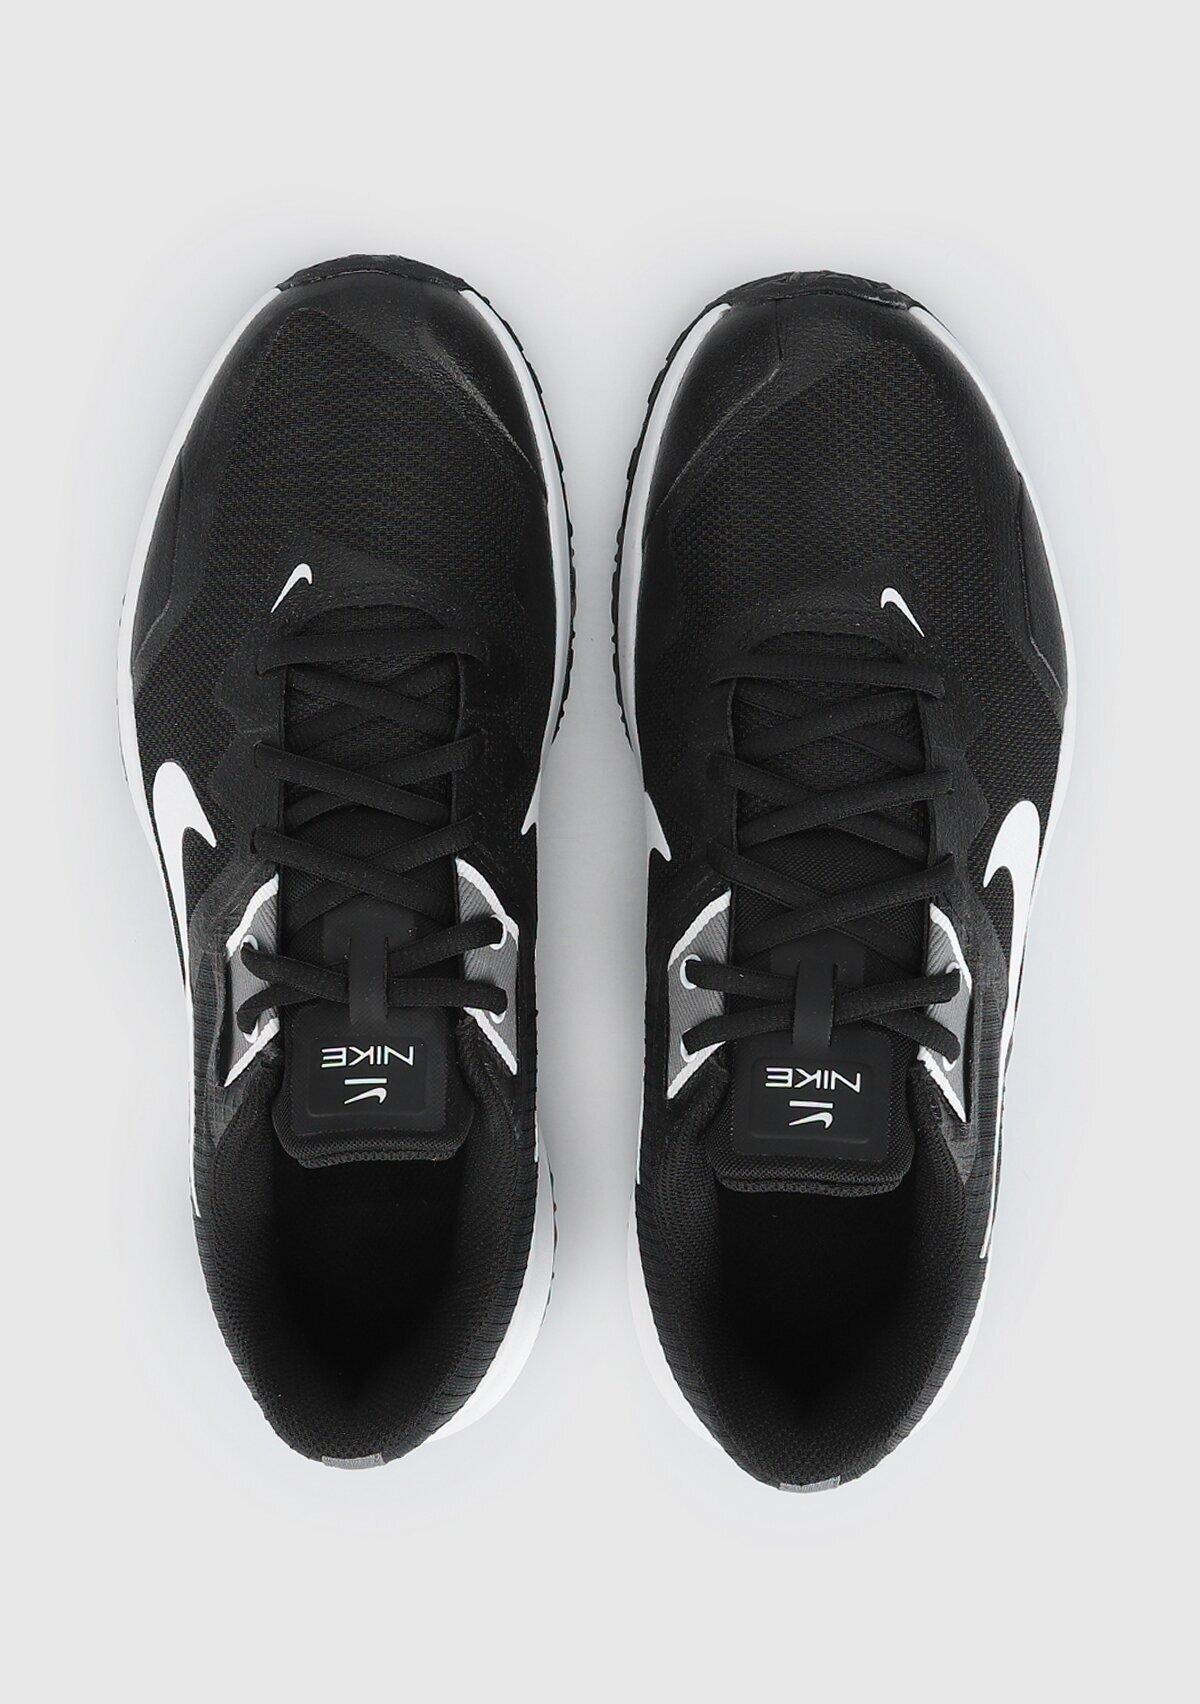 resm Varsity Compete Tr 3 Siyah Erkek Sneaker Cj0813-00